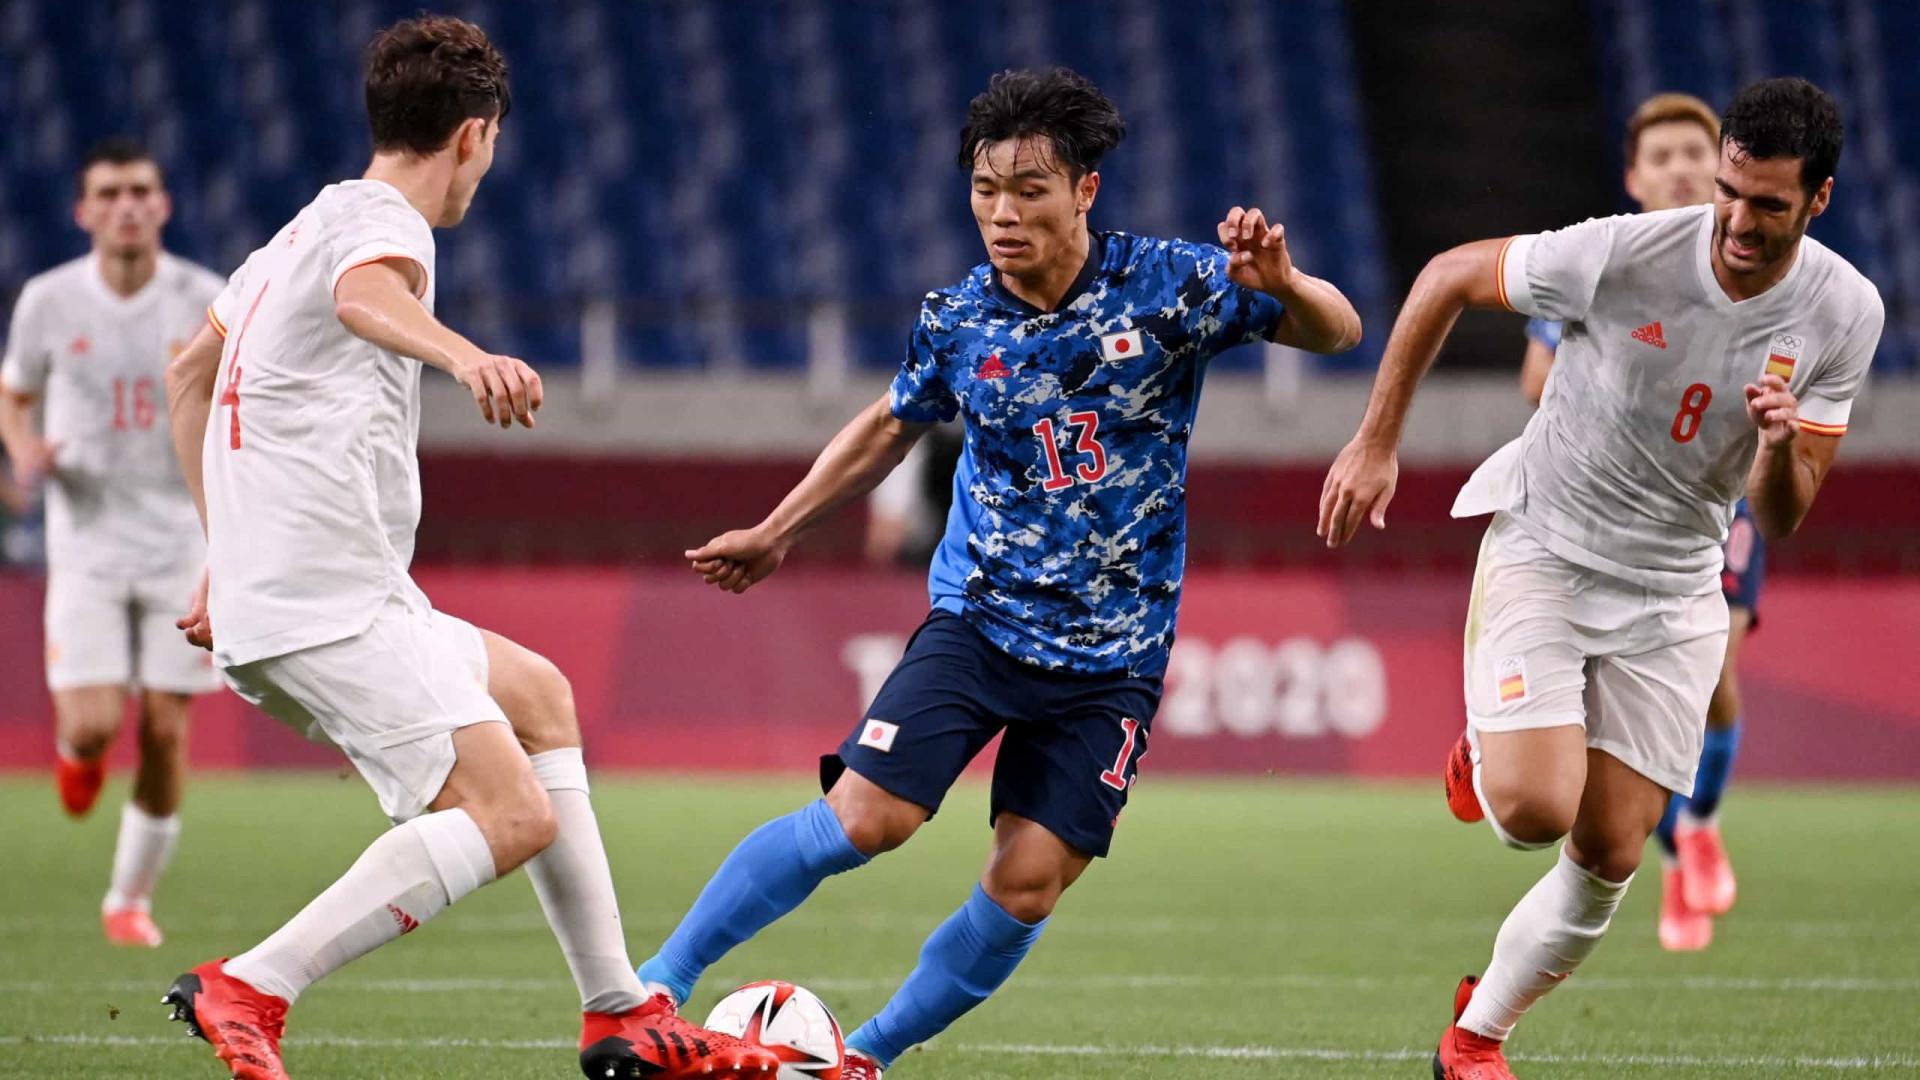 Espanha bate Japão na prorrogação e encara o Brasil na final do futebol em Tóquio